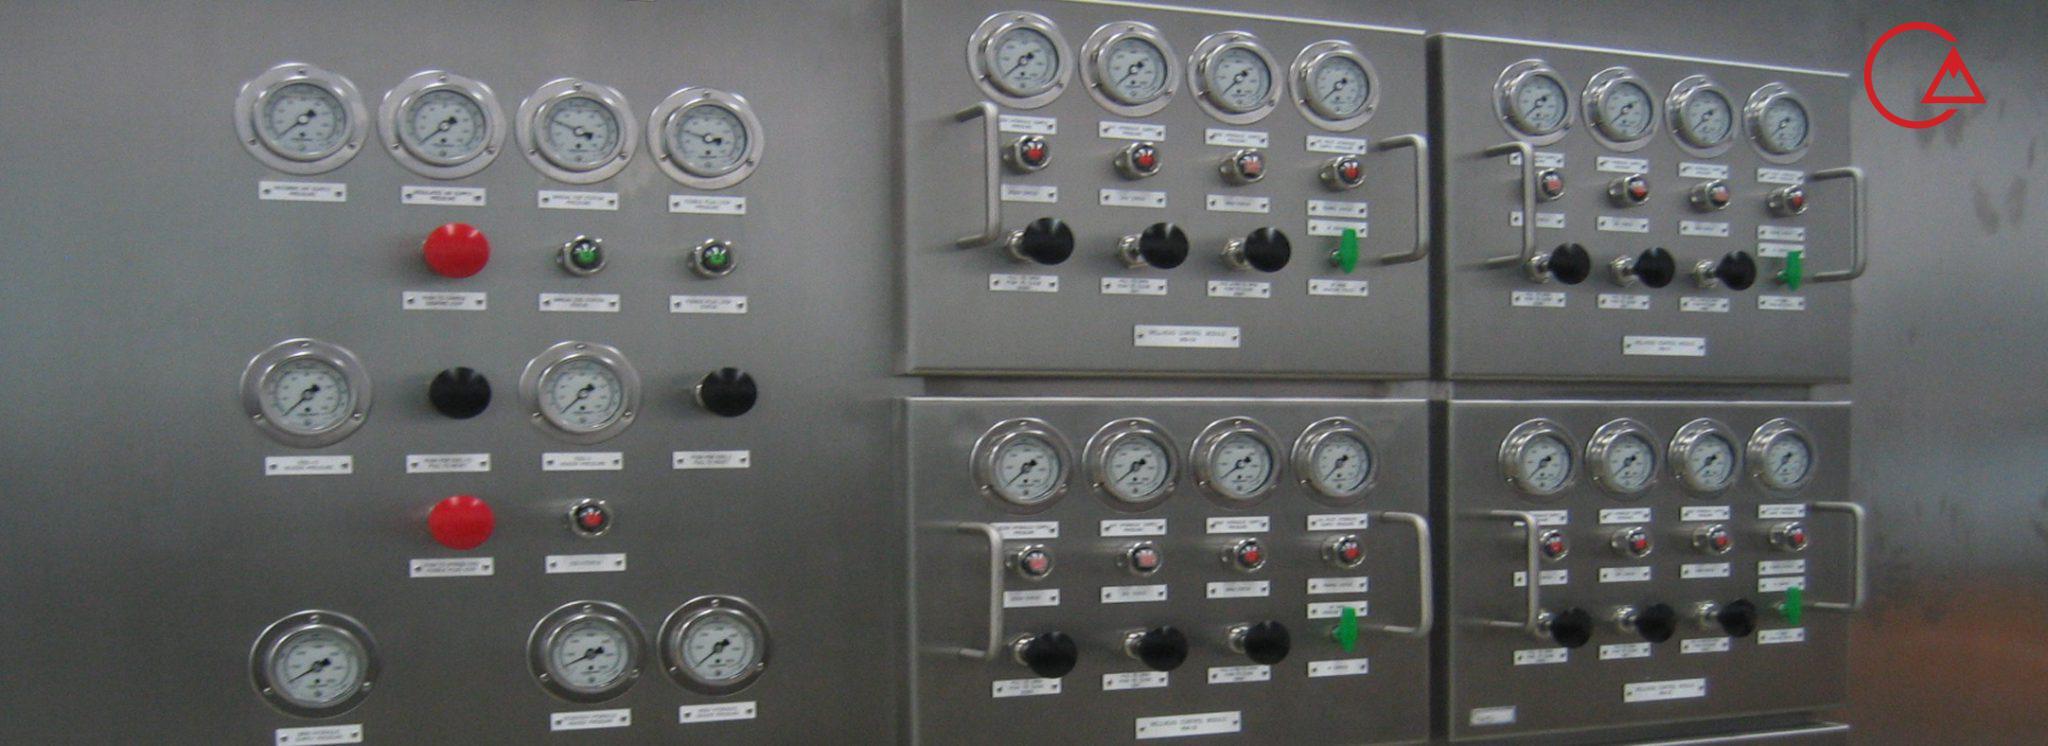 کنترل پنل سرچاهی